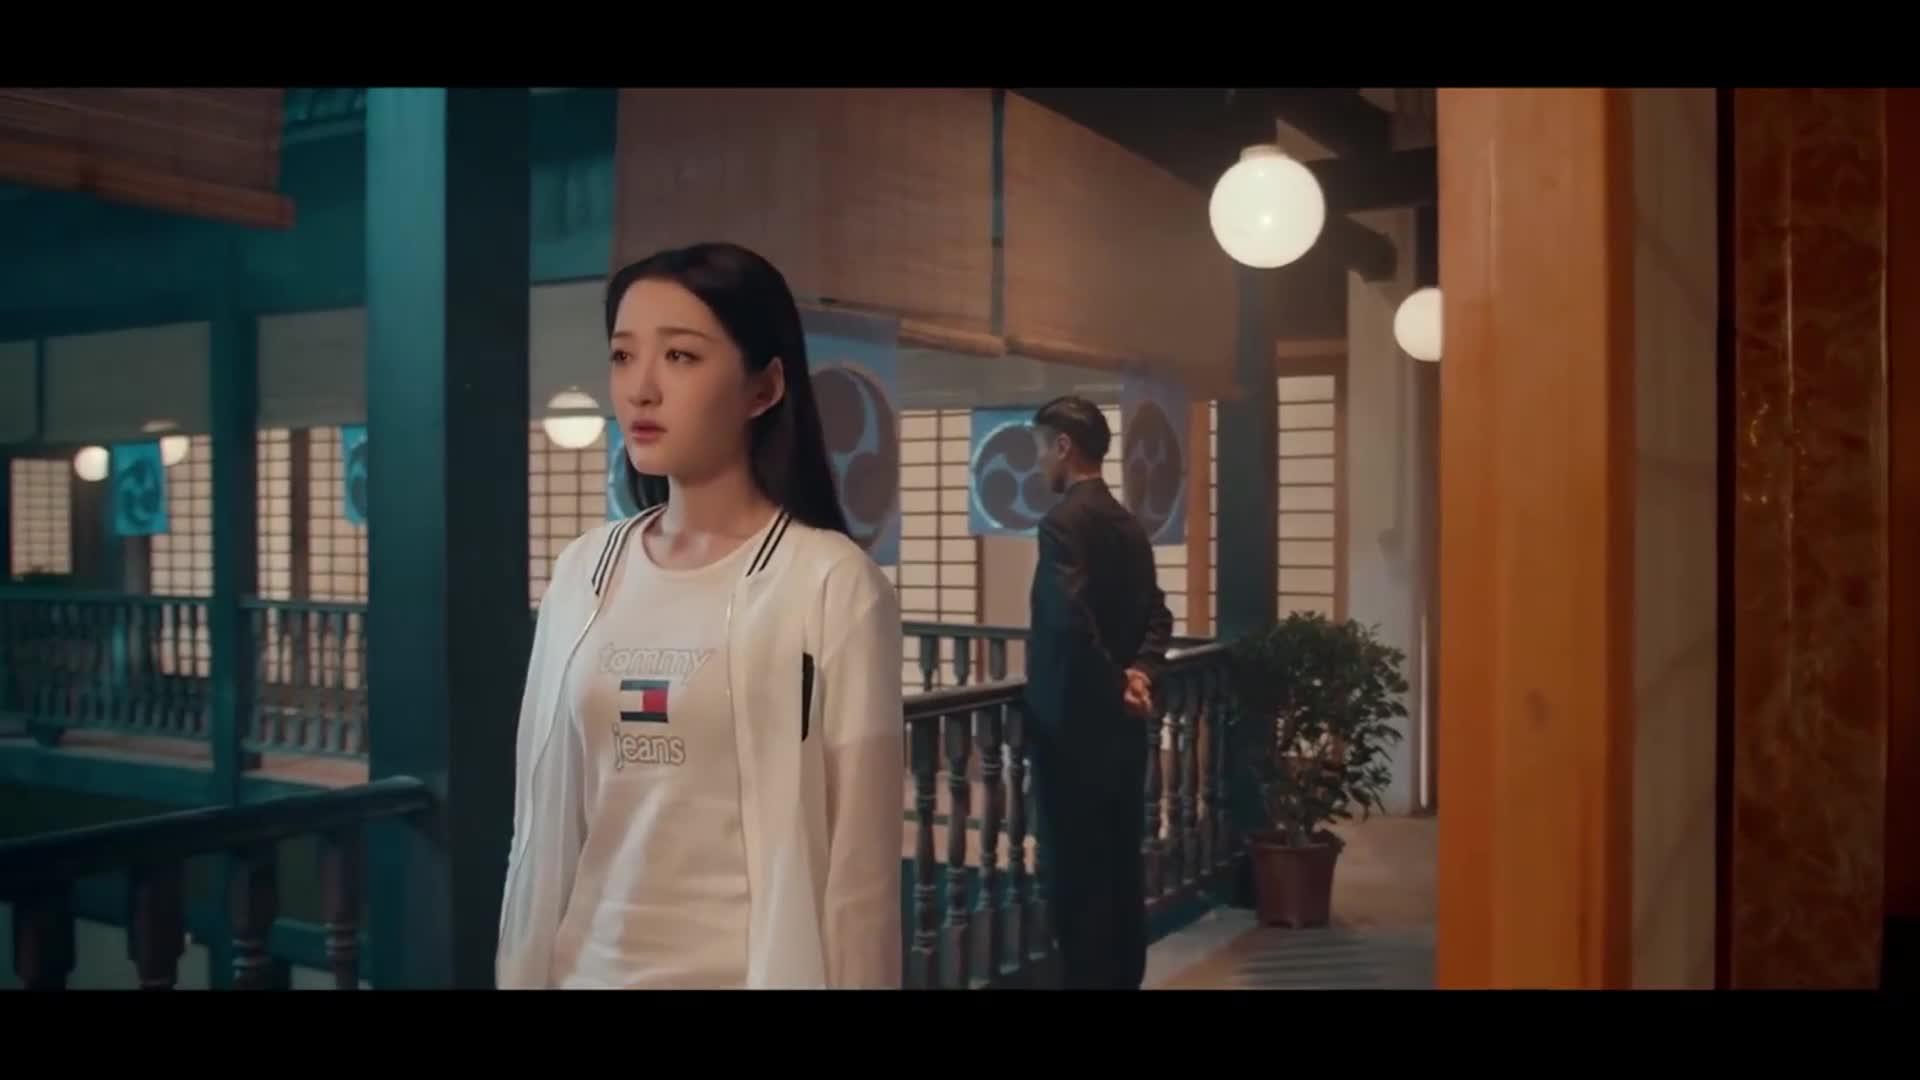 日本女优剧 乐视网_上位2:原来日本的女优都不是自愿的,大多数都是出于无奈 ...